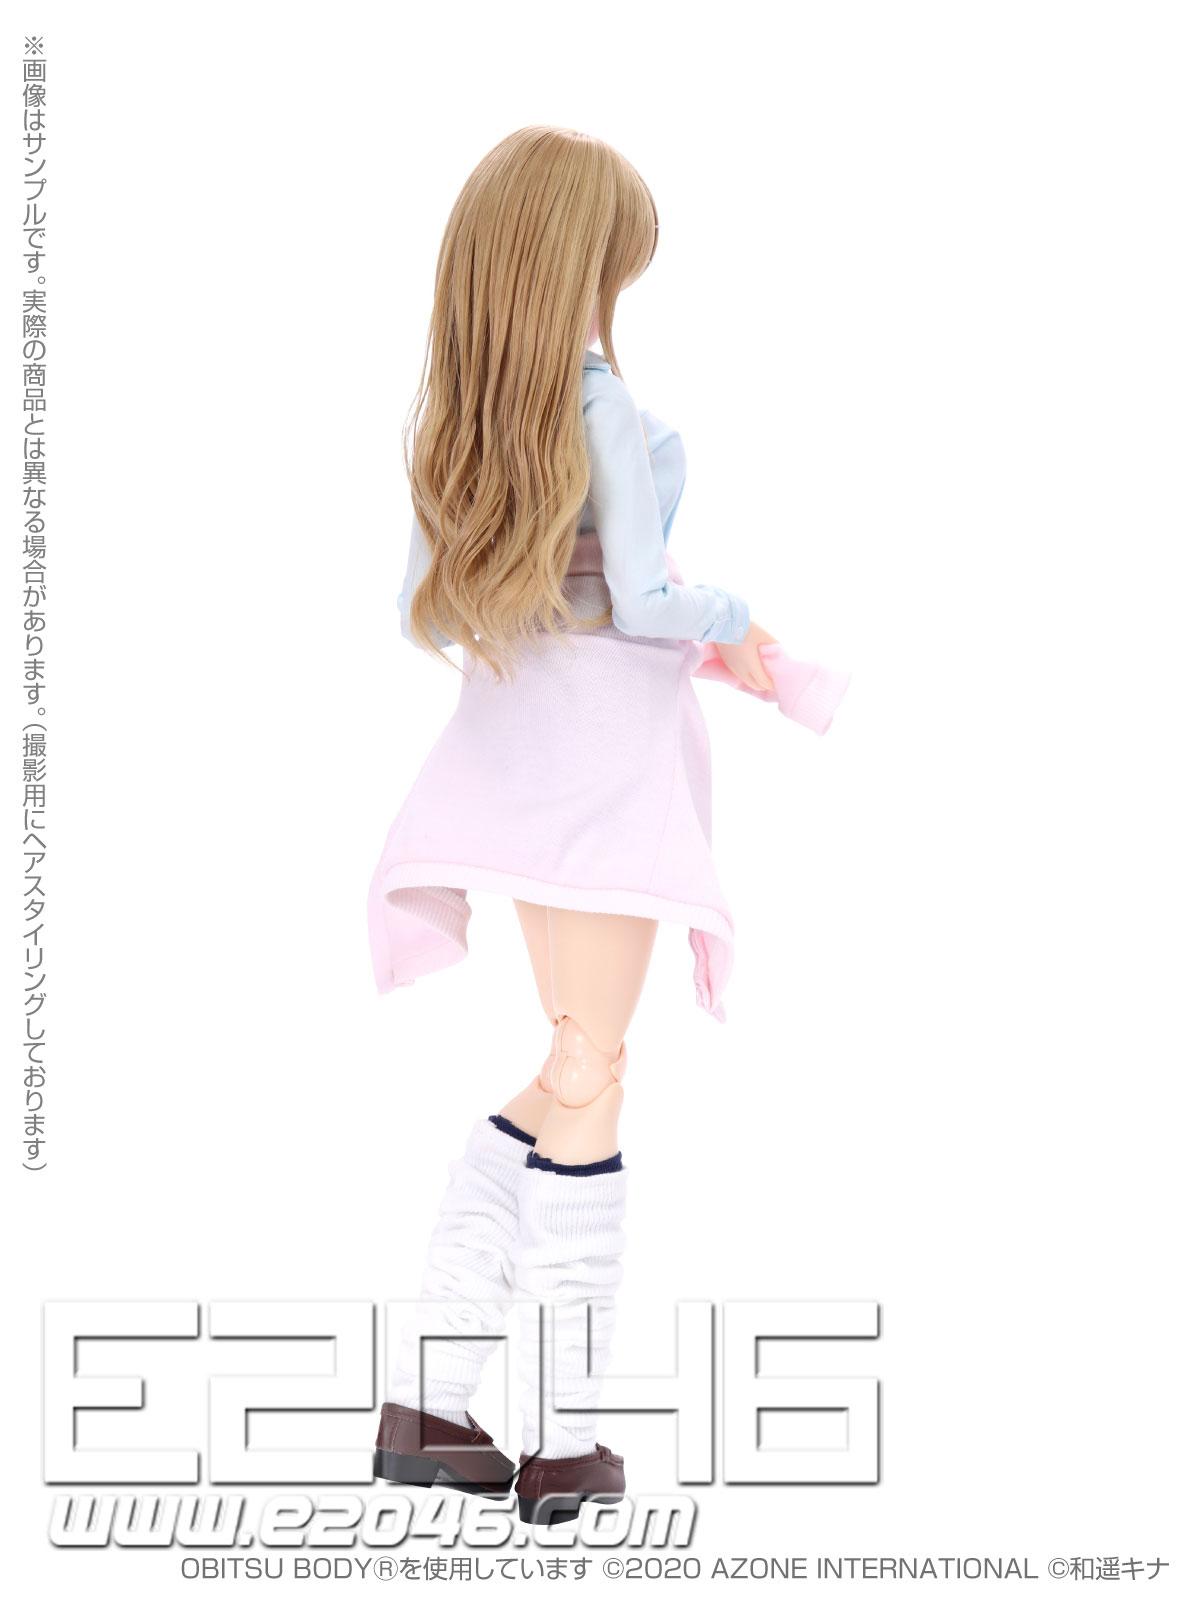 Yui Fair Skin Little Devil Version (DOLL)